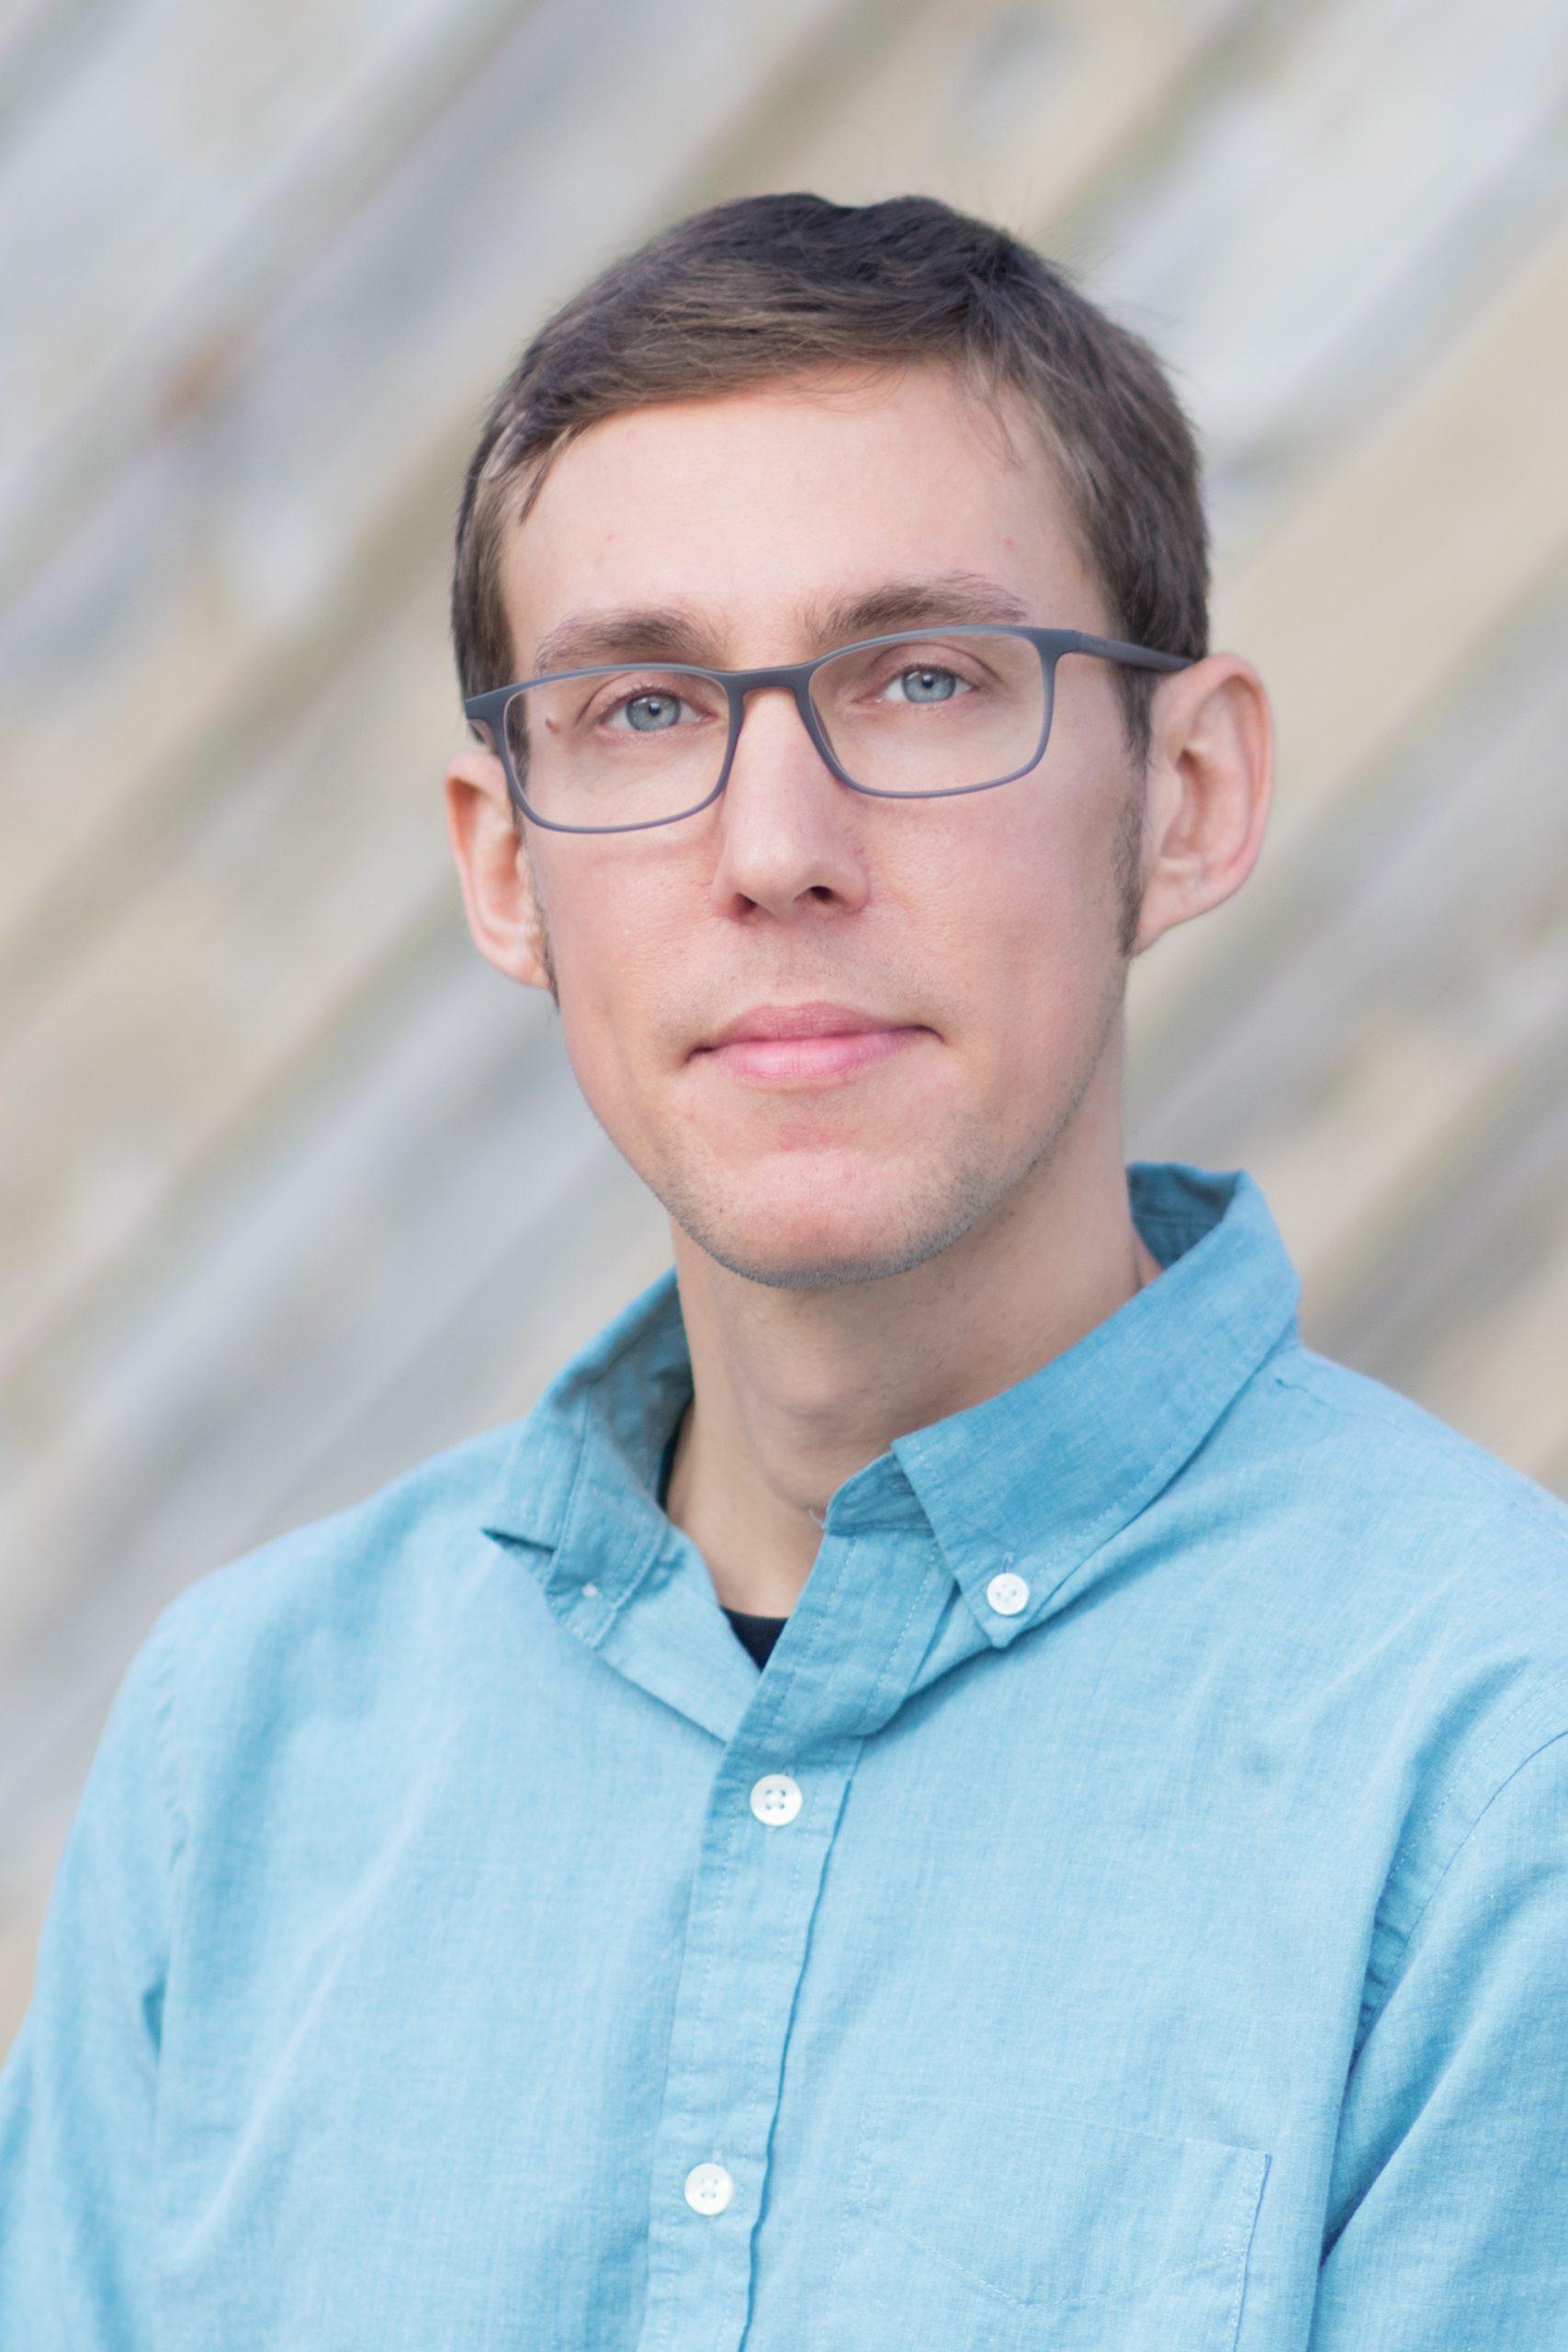 Headshot of Seth LaJeunesse